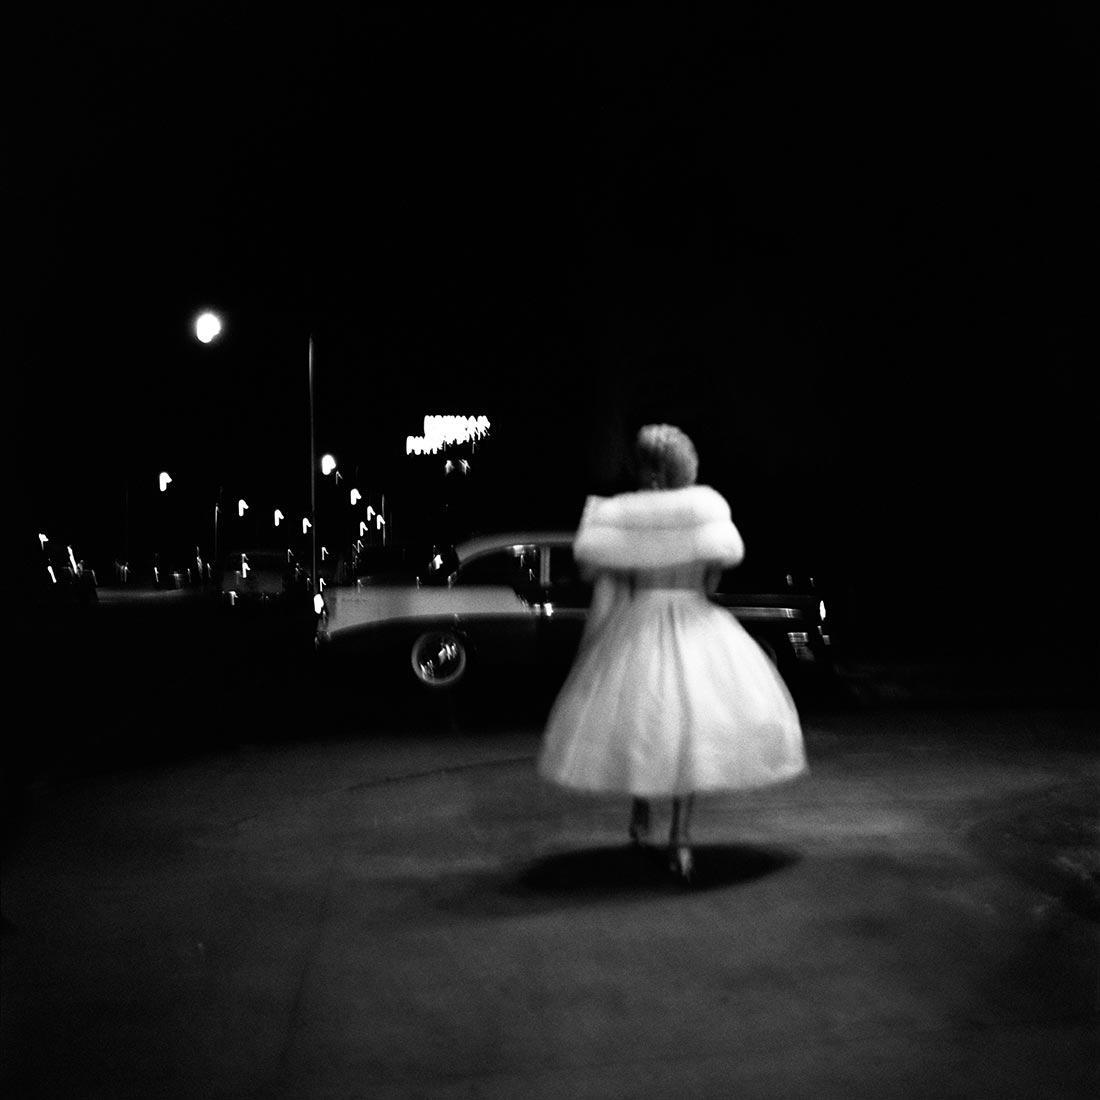 Une femme de blanc vêtue retourne à sa voiture. Photo de Vivian Maier